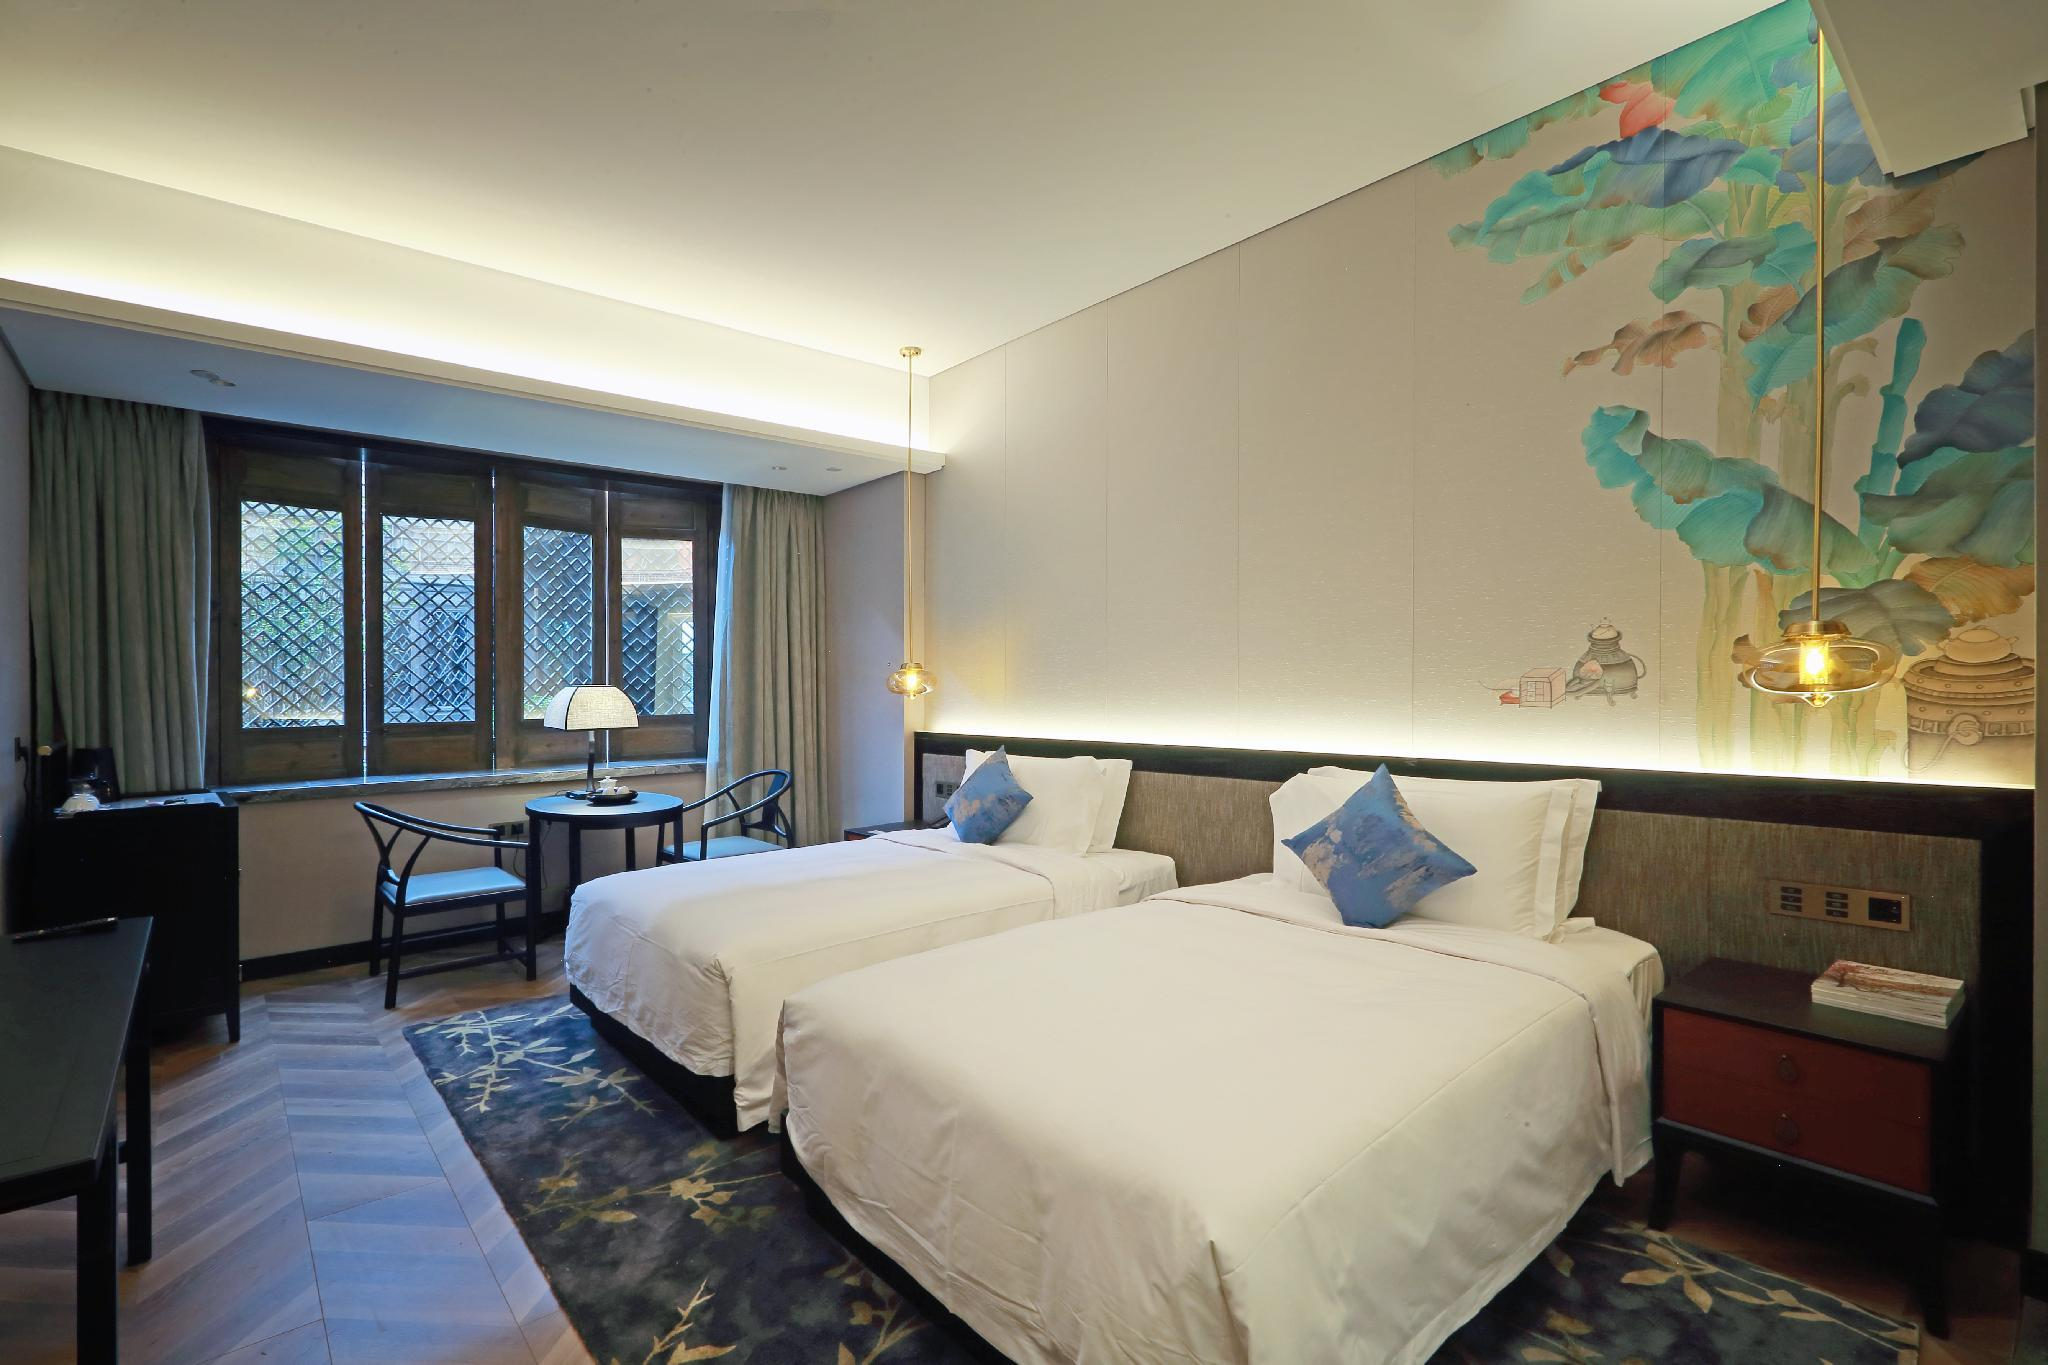 Shu Xiang Wen Ru Hotel, Fuzhou